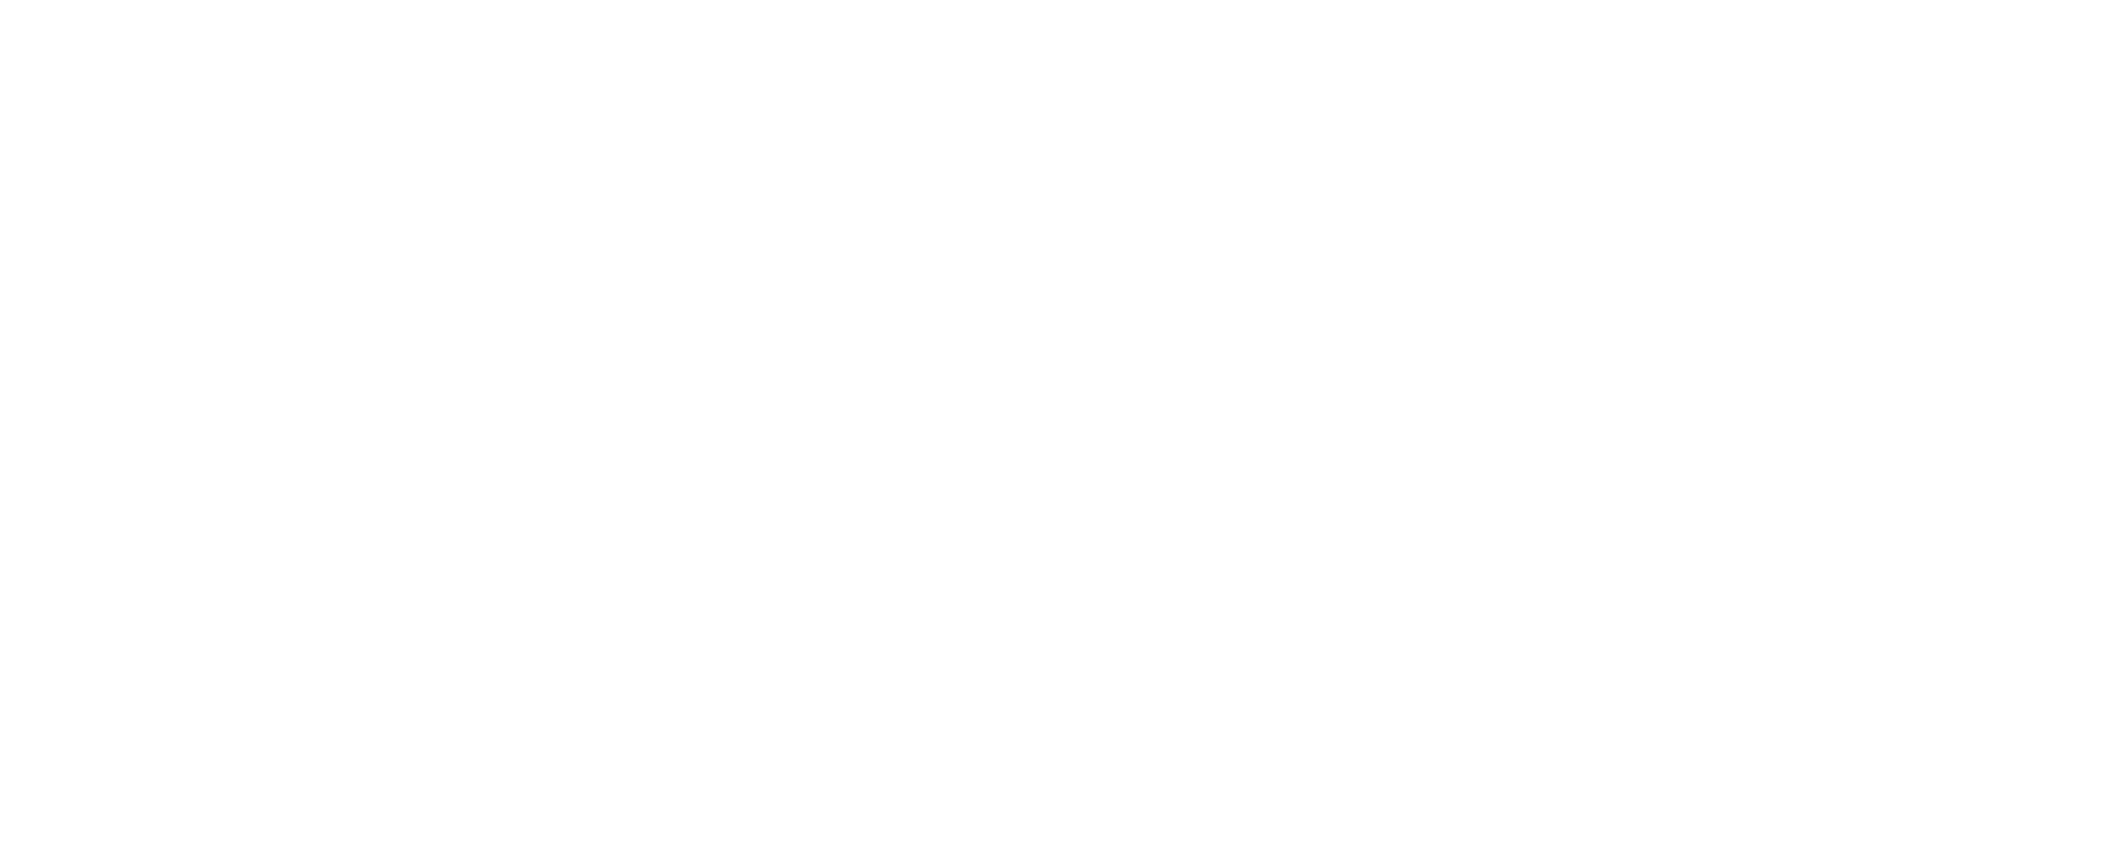 AFTRS logo test 1.png